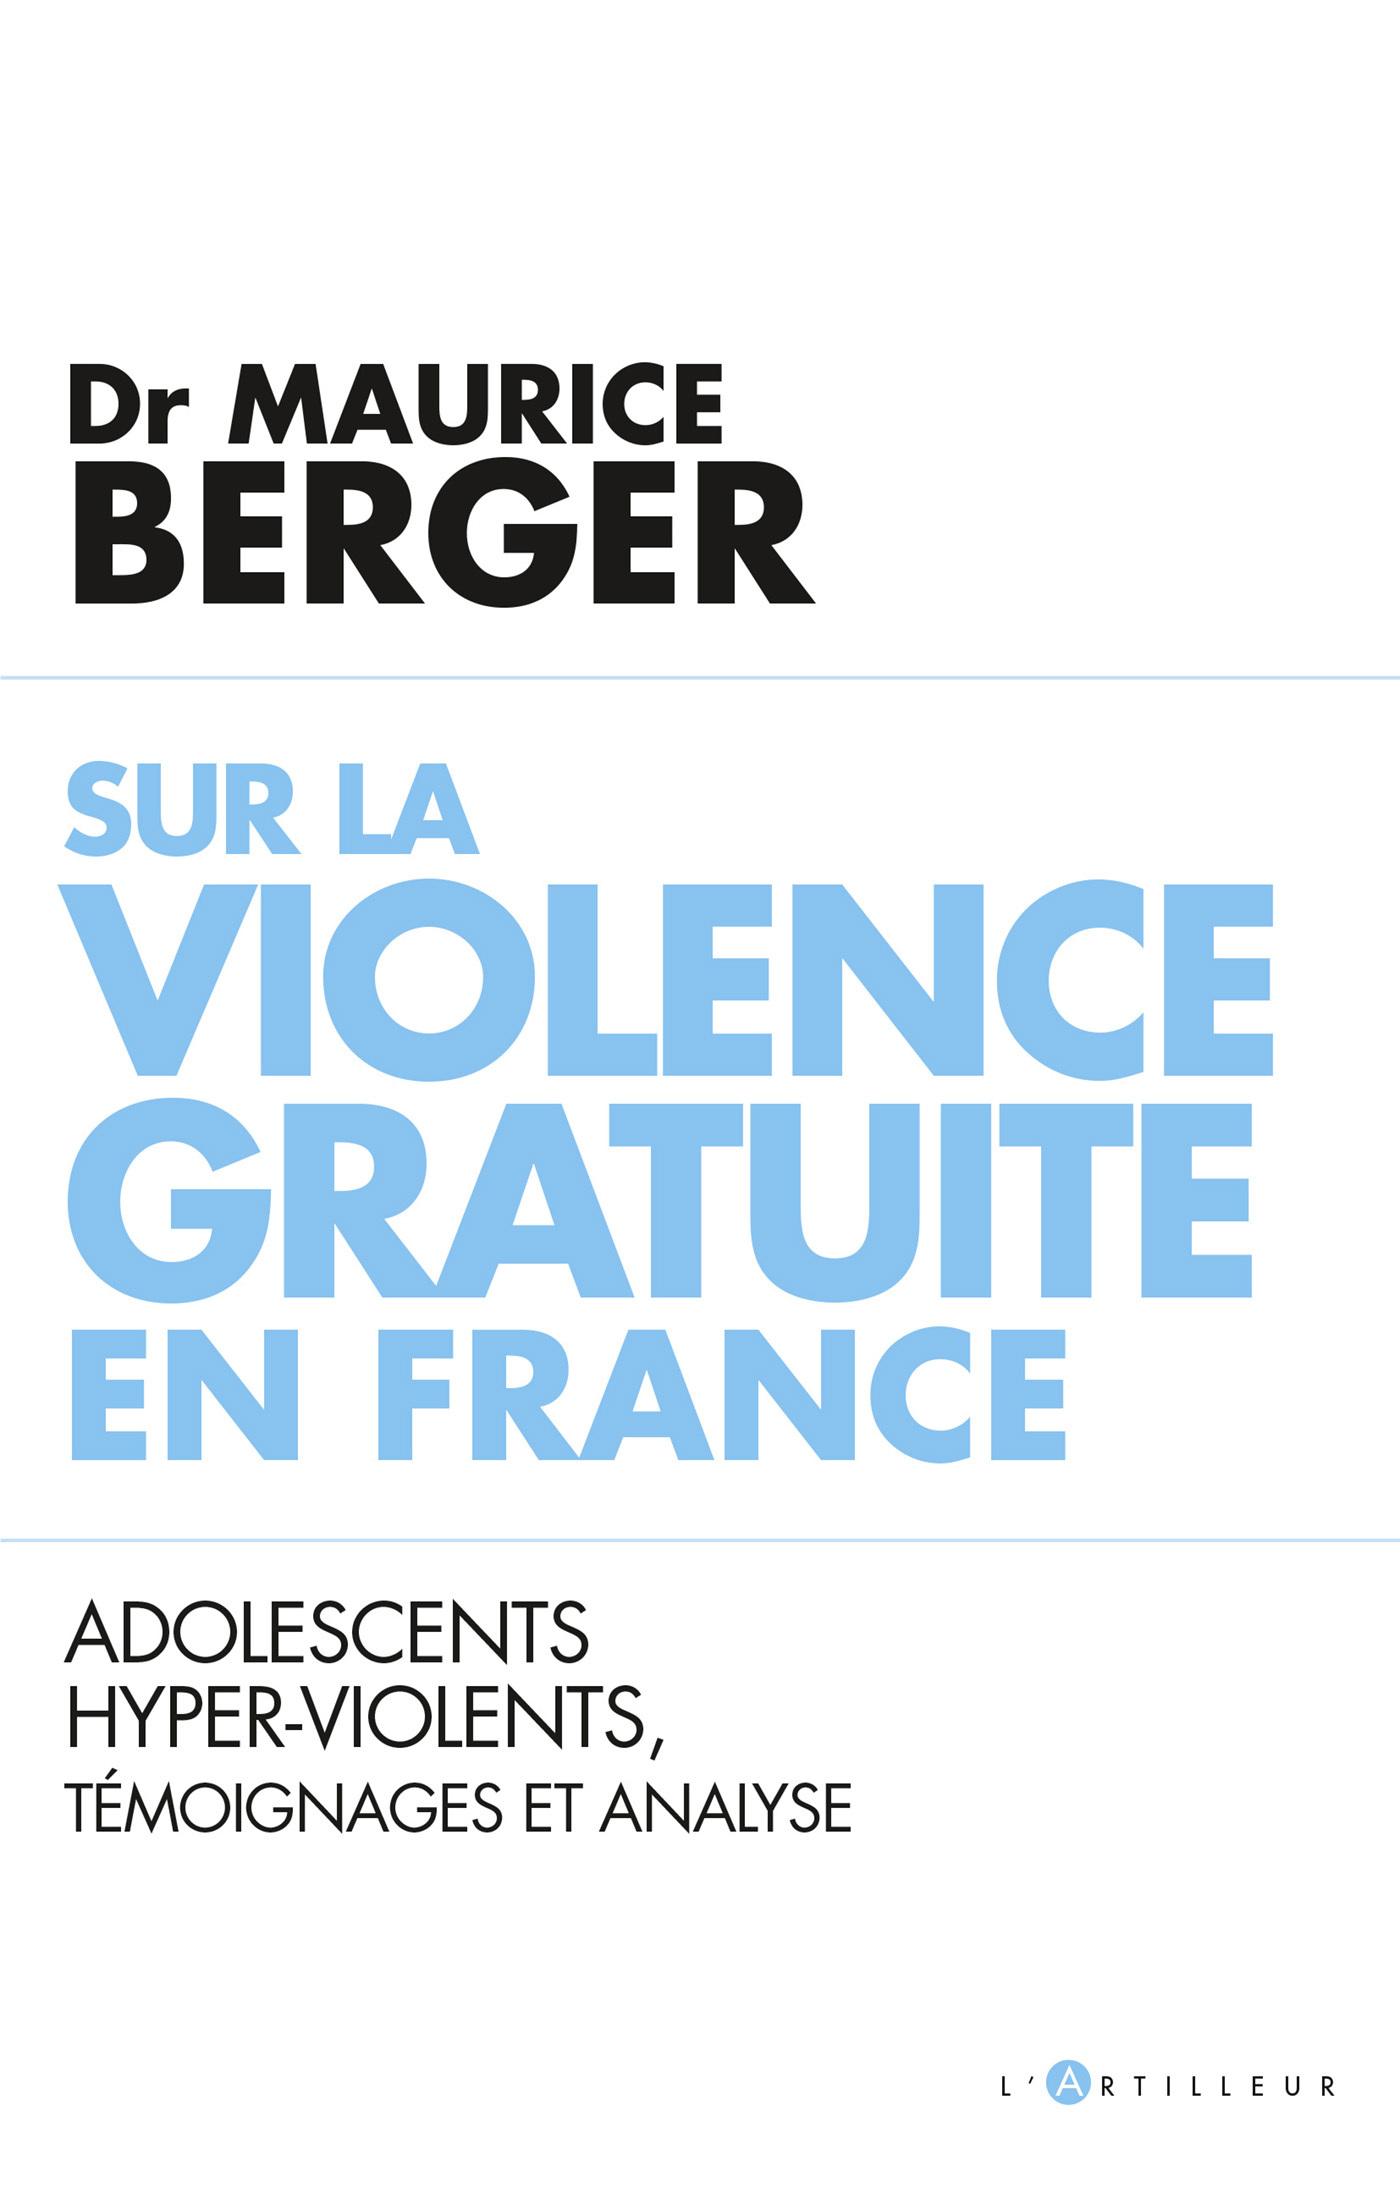 SUR LA VIOLENCE GRATUITE EN FRANCE - ADOLESCENTS HYPER-VIOLENTS, TEMOIGNAGES ET ANALYSE